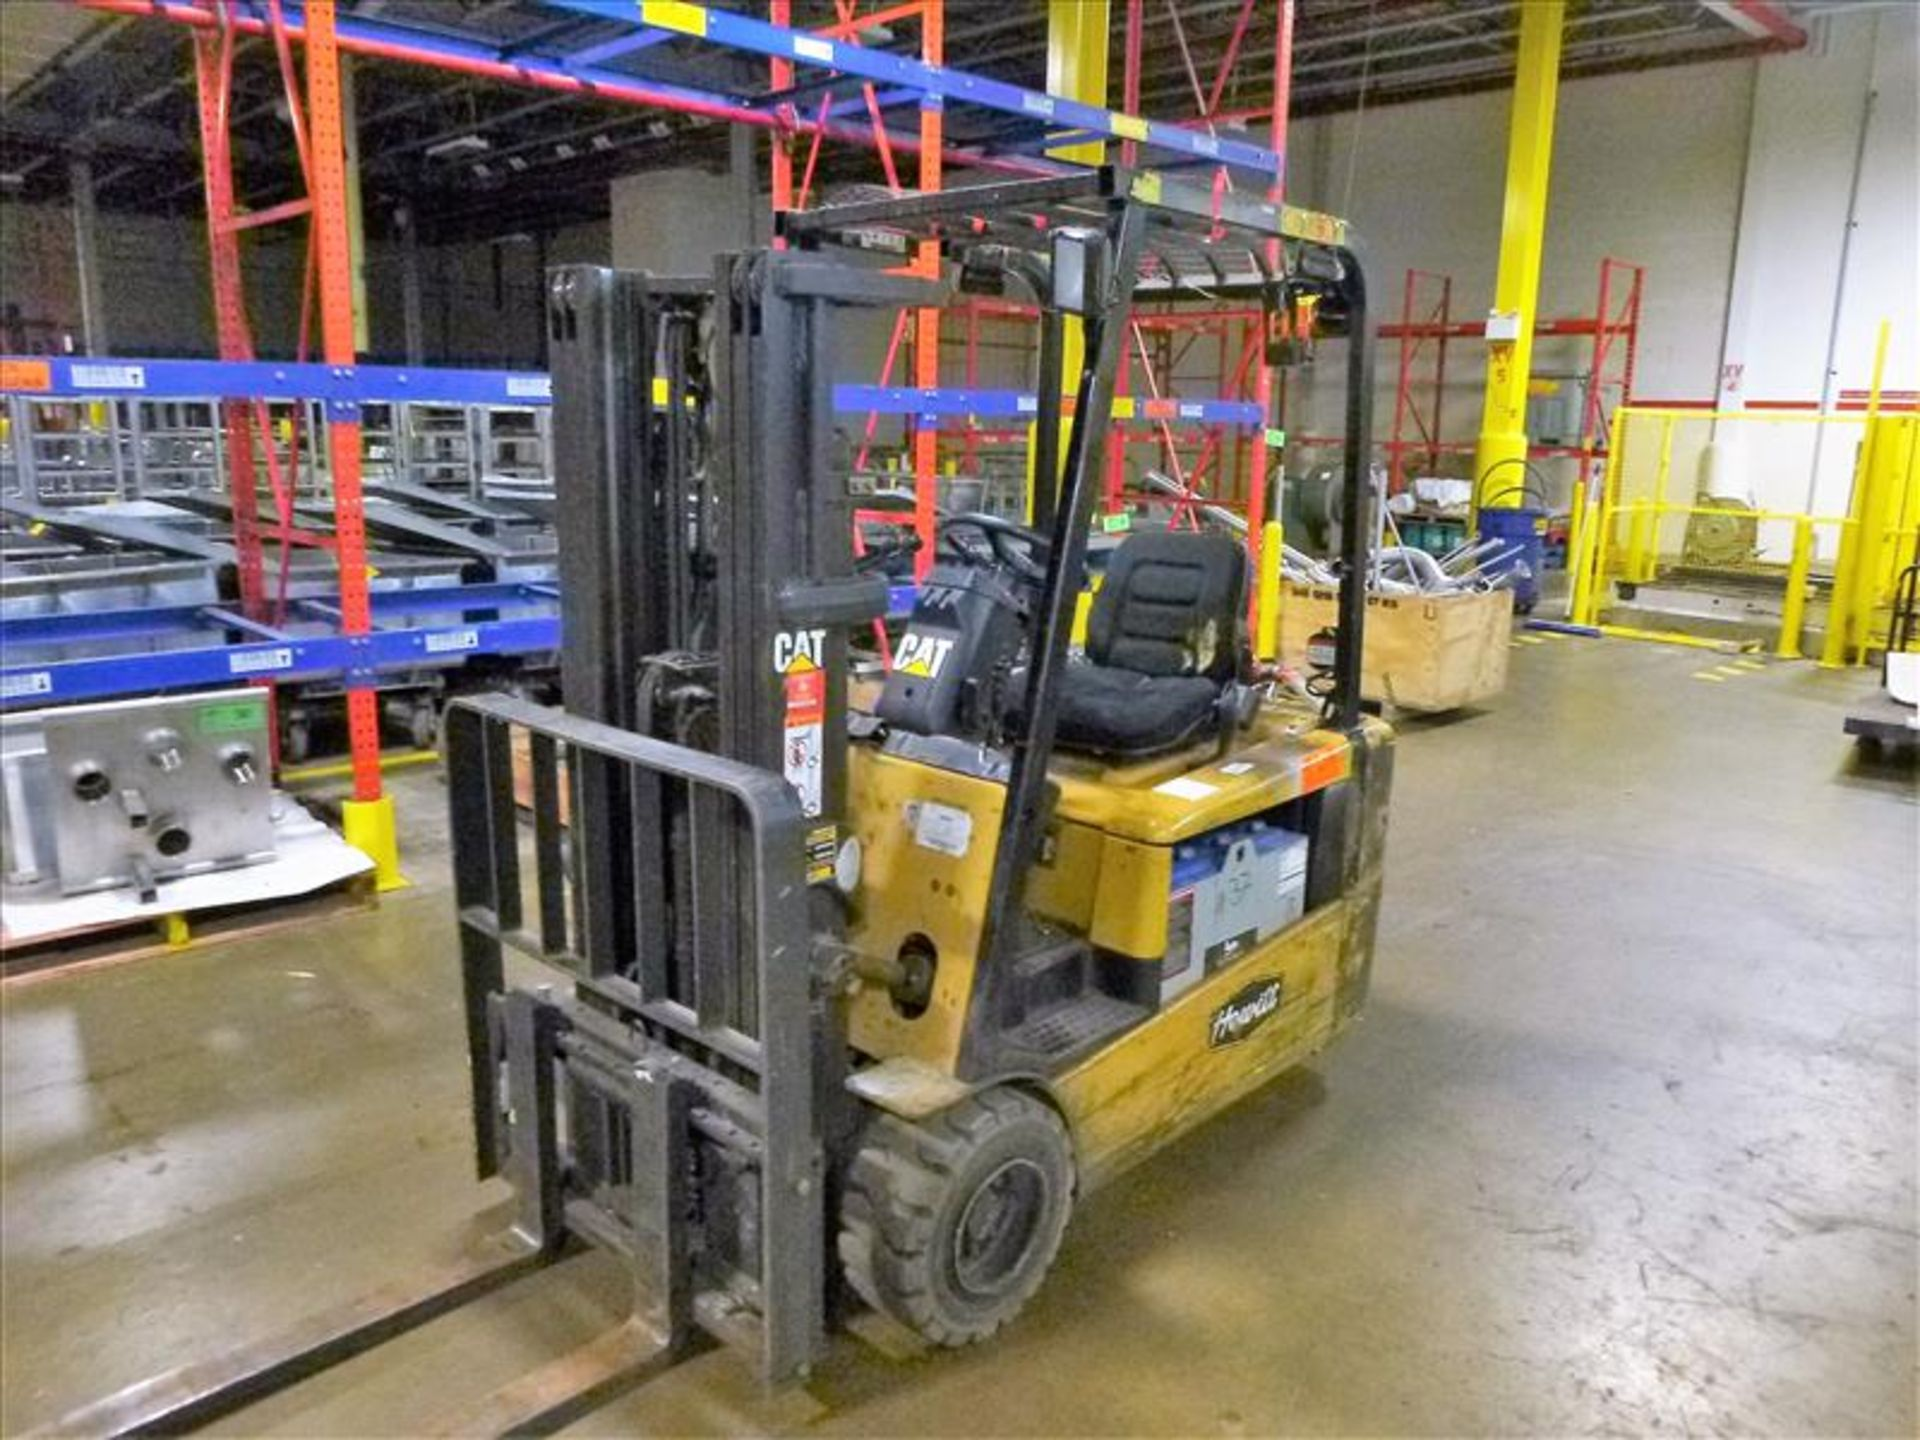 Caterpillar fork lift truck, mod. EC20KT, ser. no. ETB5A50553, 48V electric, 3750 lbs cap., 159